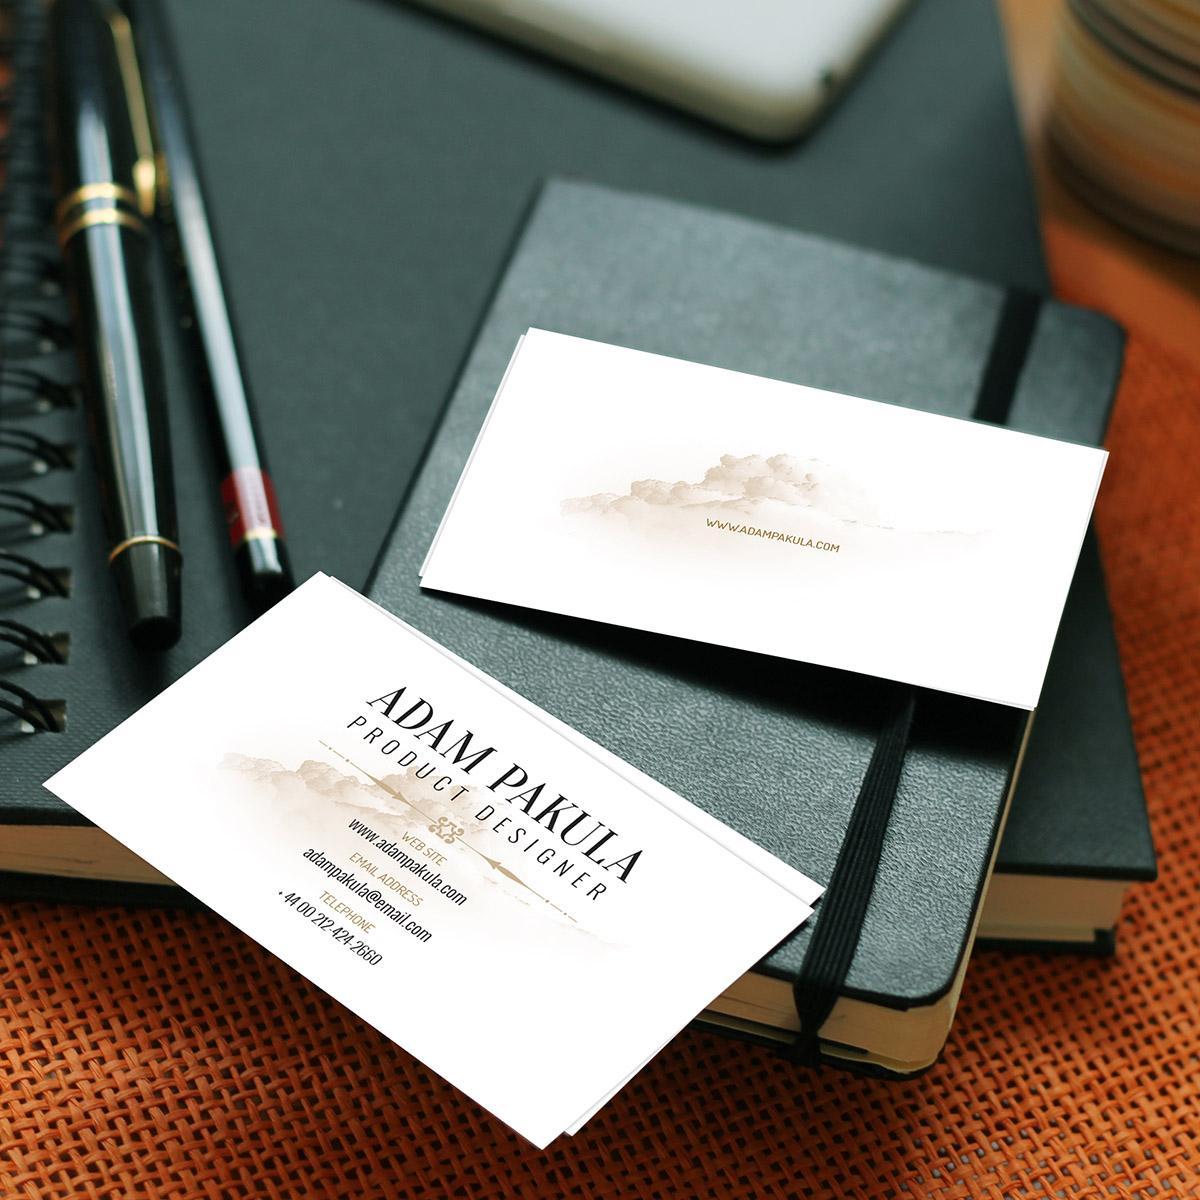 あなただけのオリジナル名刺、制作します 現役プロのデザイナーが名刺両面デザインします!